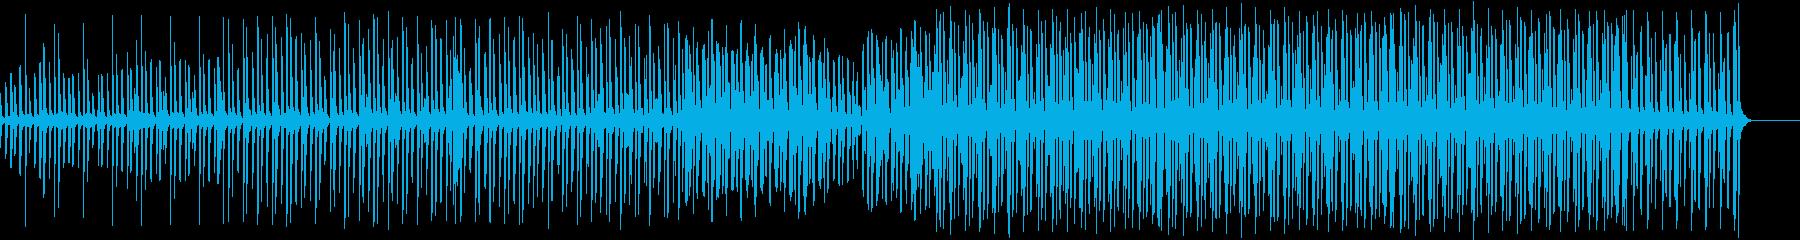 クール・怪しい感じのHipHop系ソングの再生済みの波形